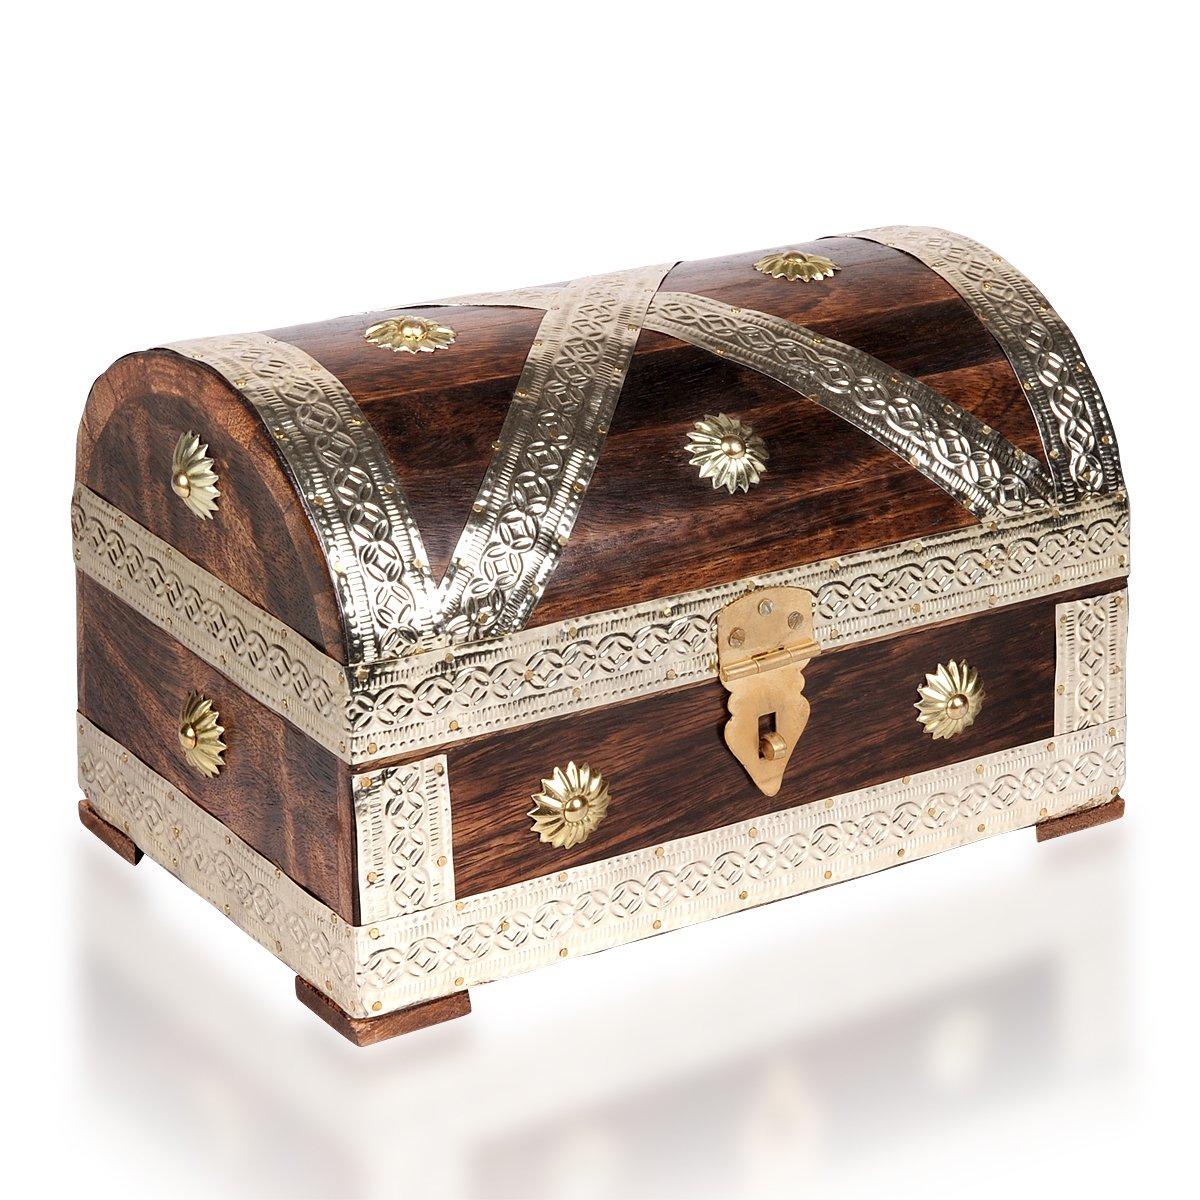 Brynnberg Scrigno del tesoro vintage Bauletto stile antico per accessori gioielli oggetti di valore, Cassaforte in legno, Idea regalo decorativa 24x16x16cm